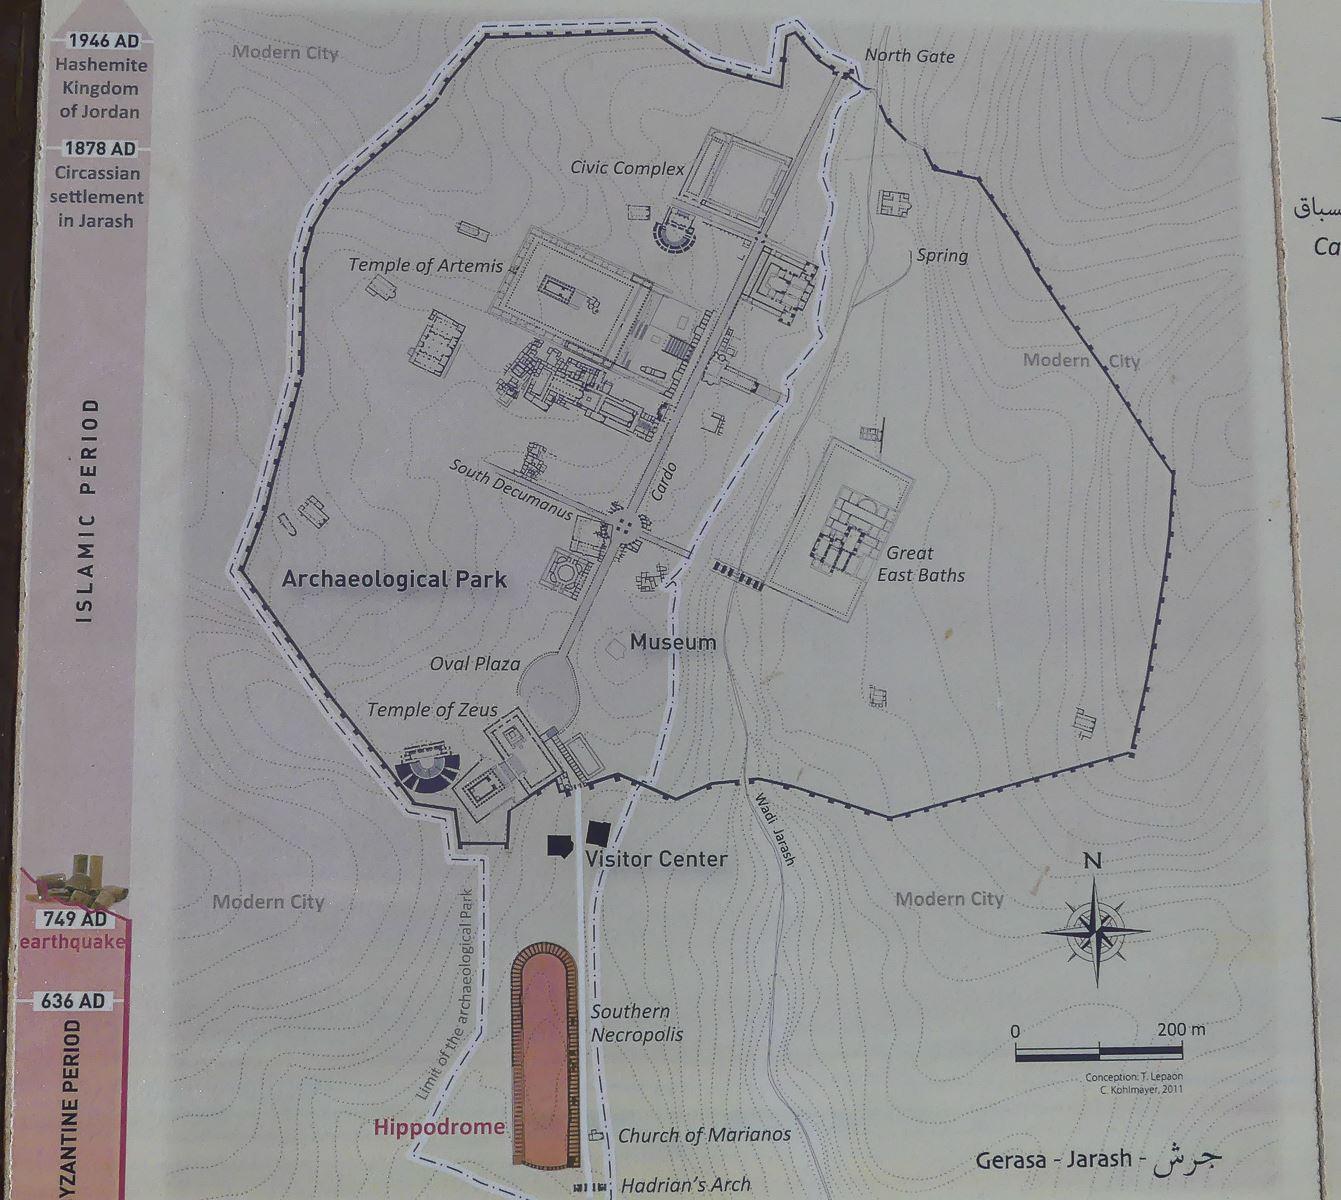 Plan du site de Jerash